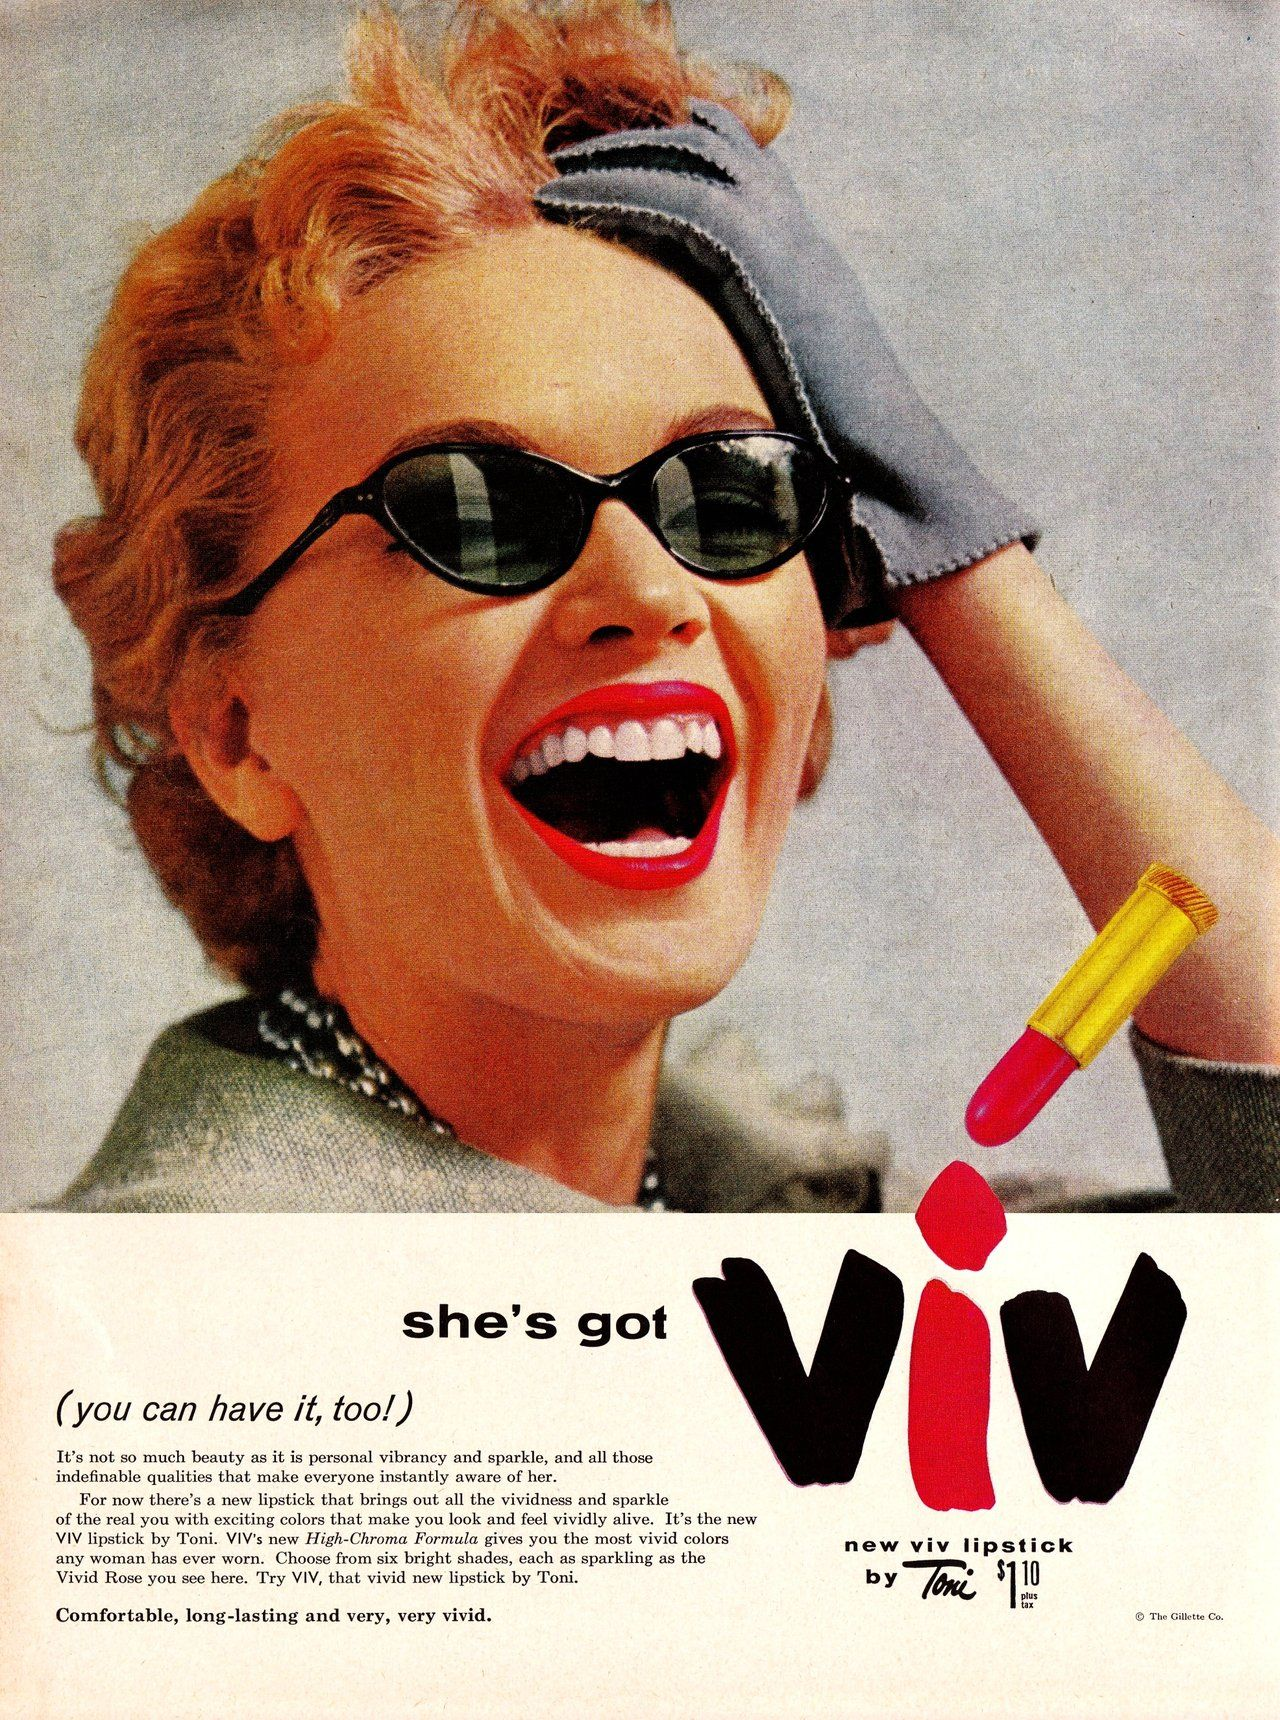 SHE'S GOT VIV (AND A CAFFEINE ADDICTION)!